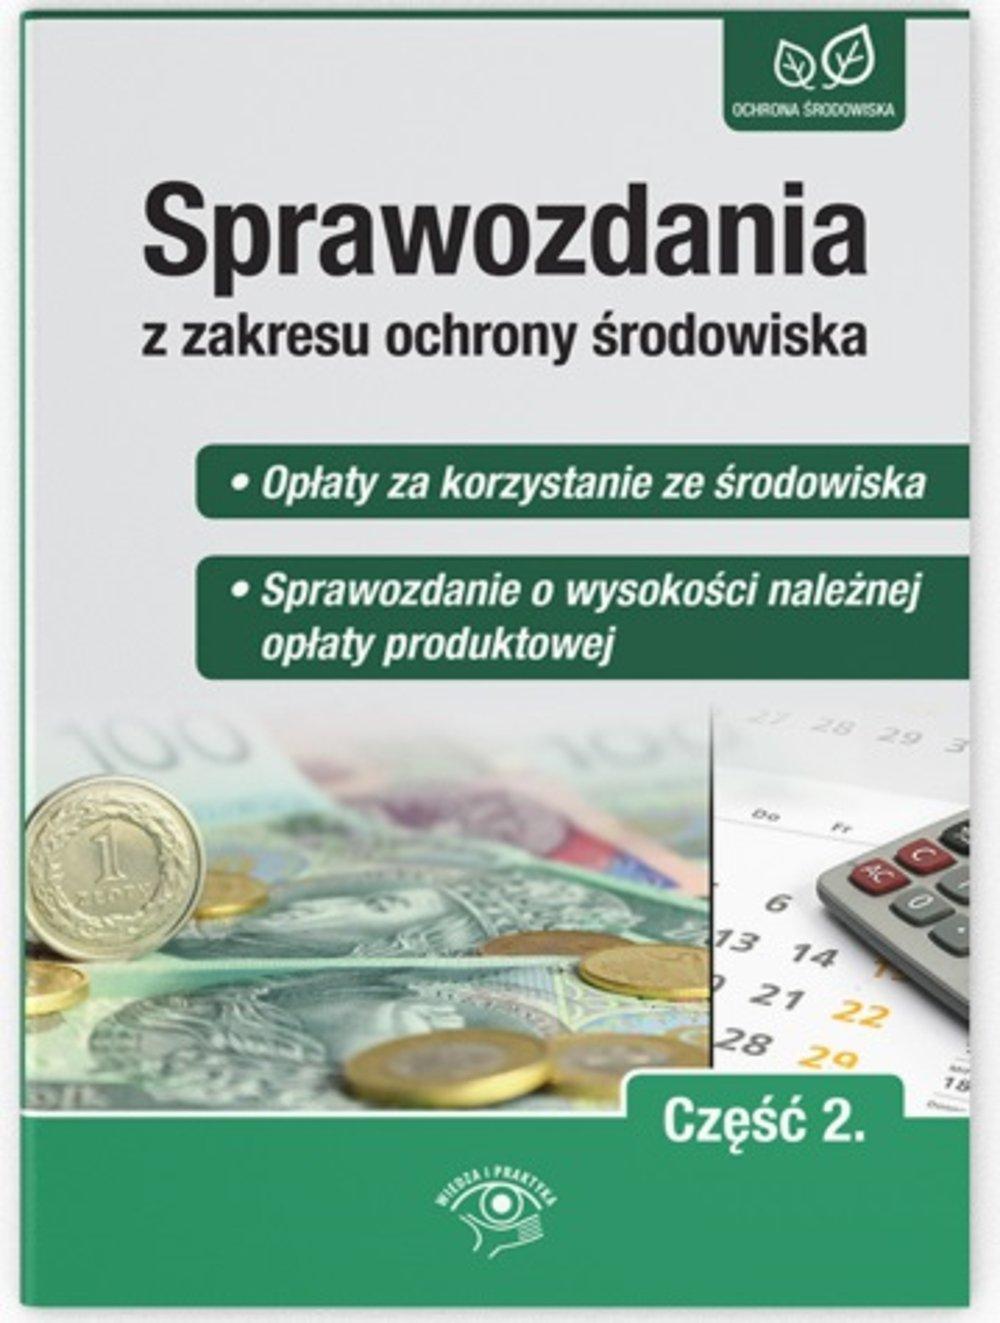 Sprawozdania z zakresu ochrony środowiska Część 2. - Opłaty za korzystanie ze środowiska  - Sprawozdanie o wysokości należnej opłaty produktowej - Ebook (Książka PDF) do pobrania w formacie PDF